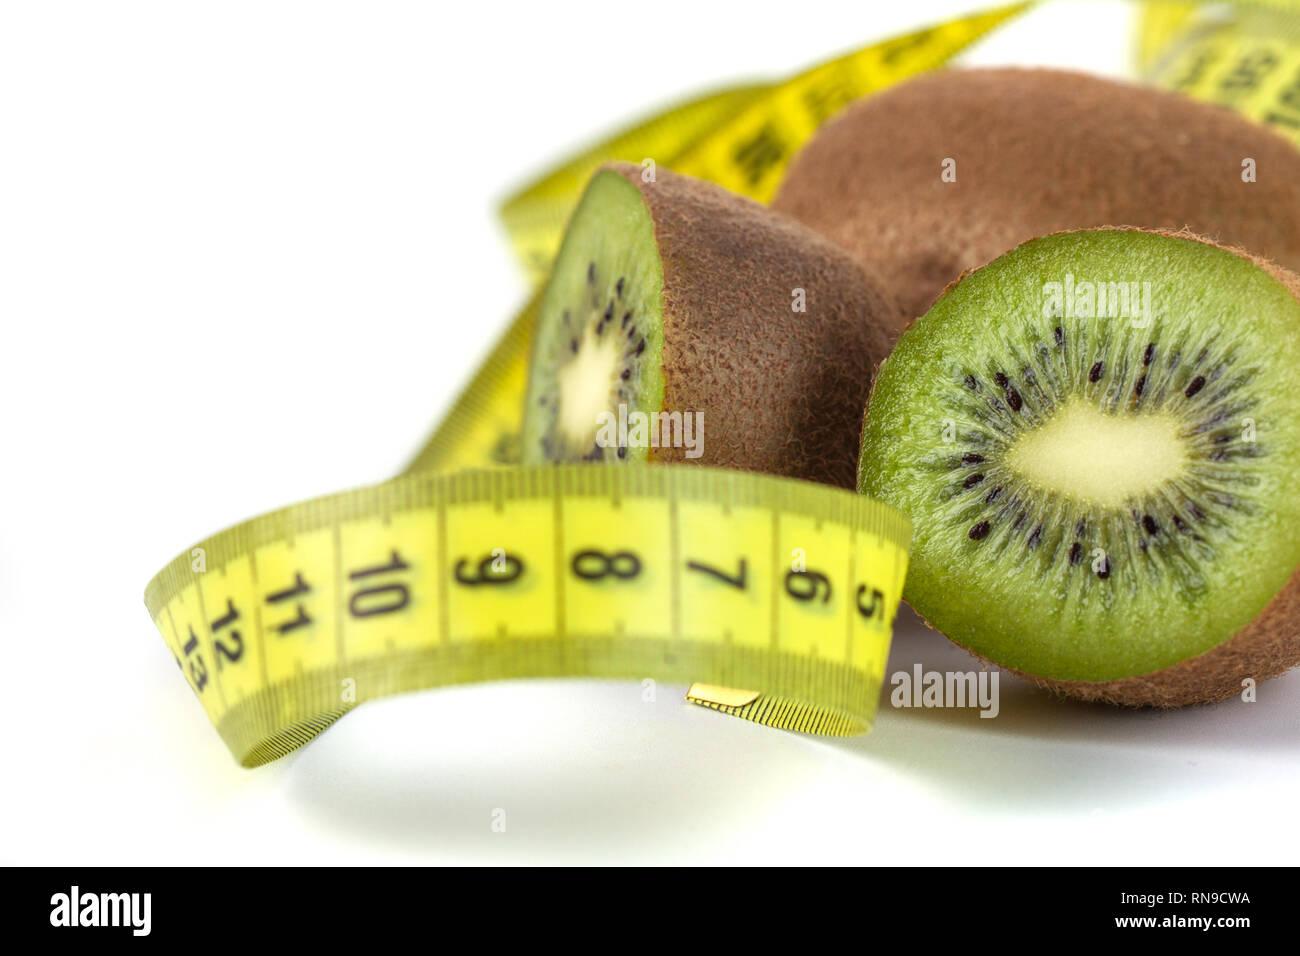 Slaced kiwi fruit and measuring tape isolated on white background. - Stock Image